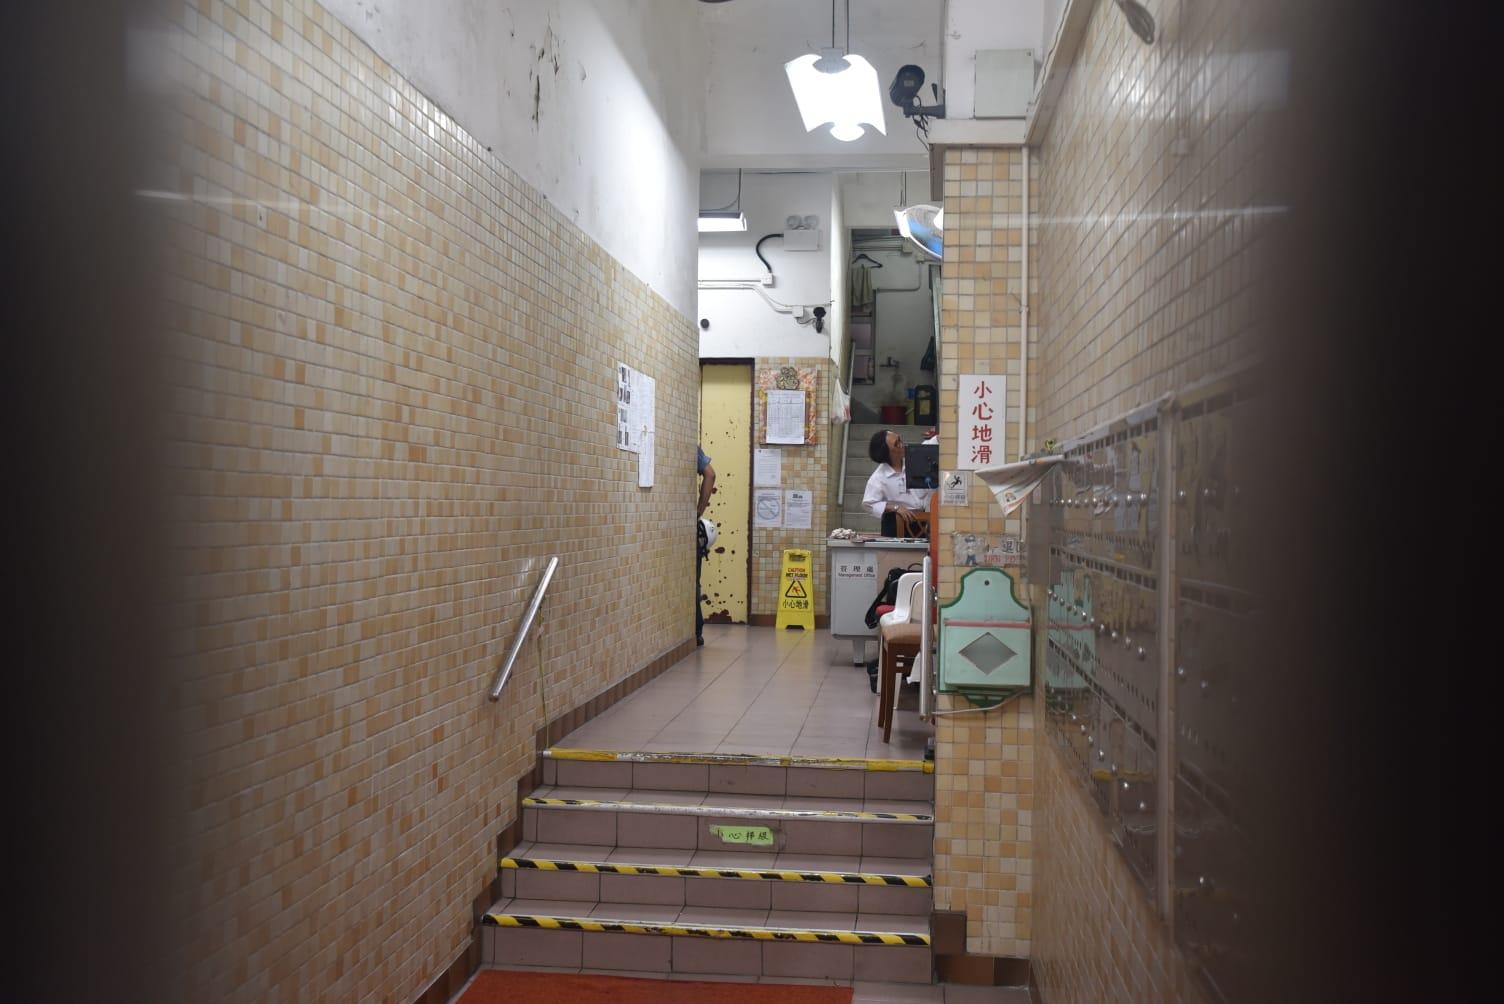 銅鑼灣美蘭閣一部升降機開門期間突然爬升,七旬婦跌傷送院。